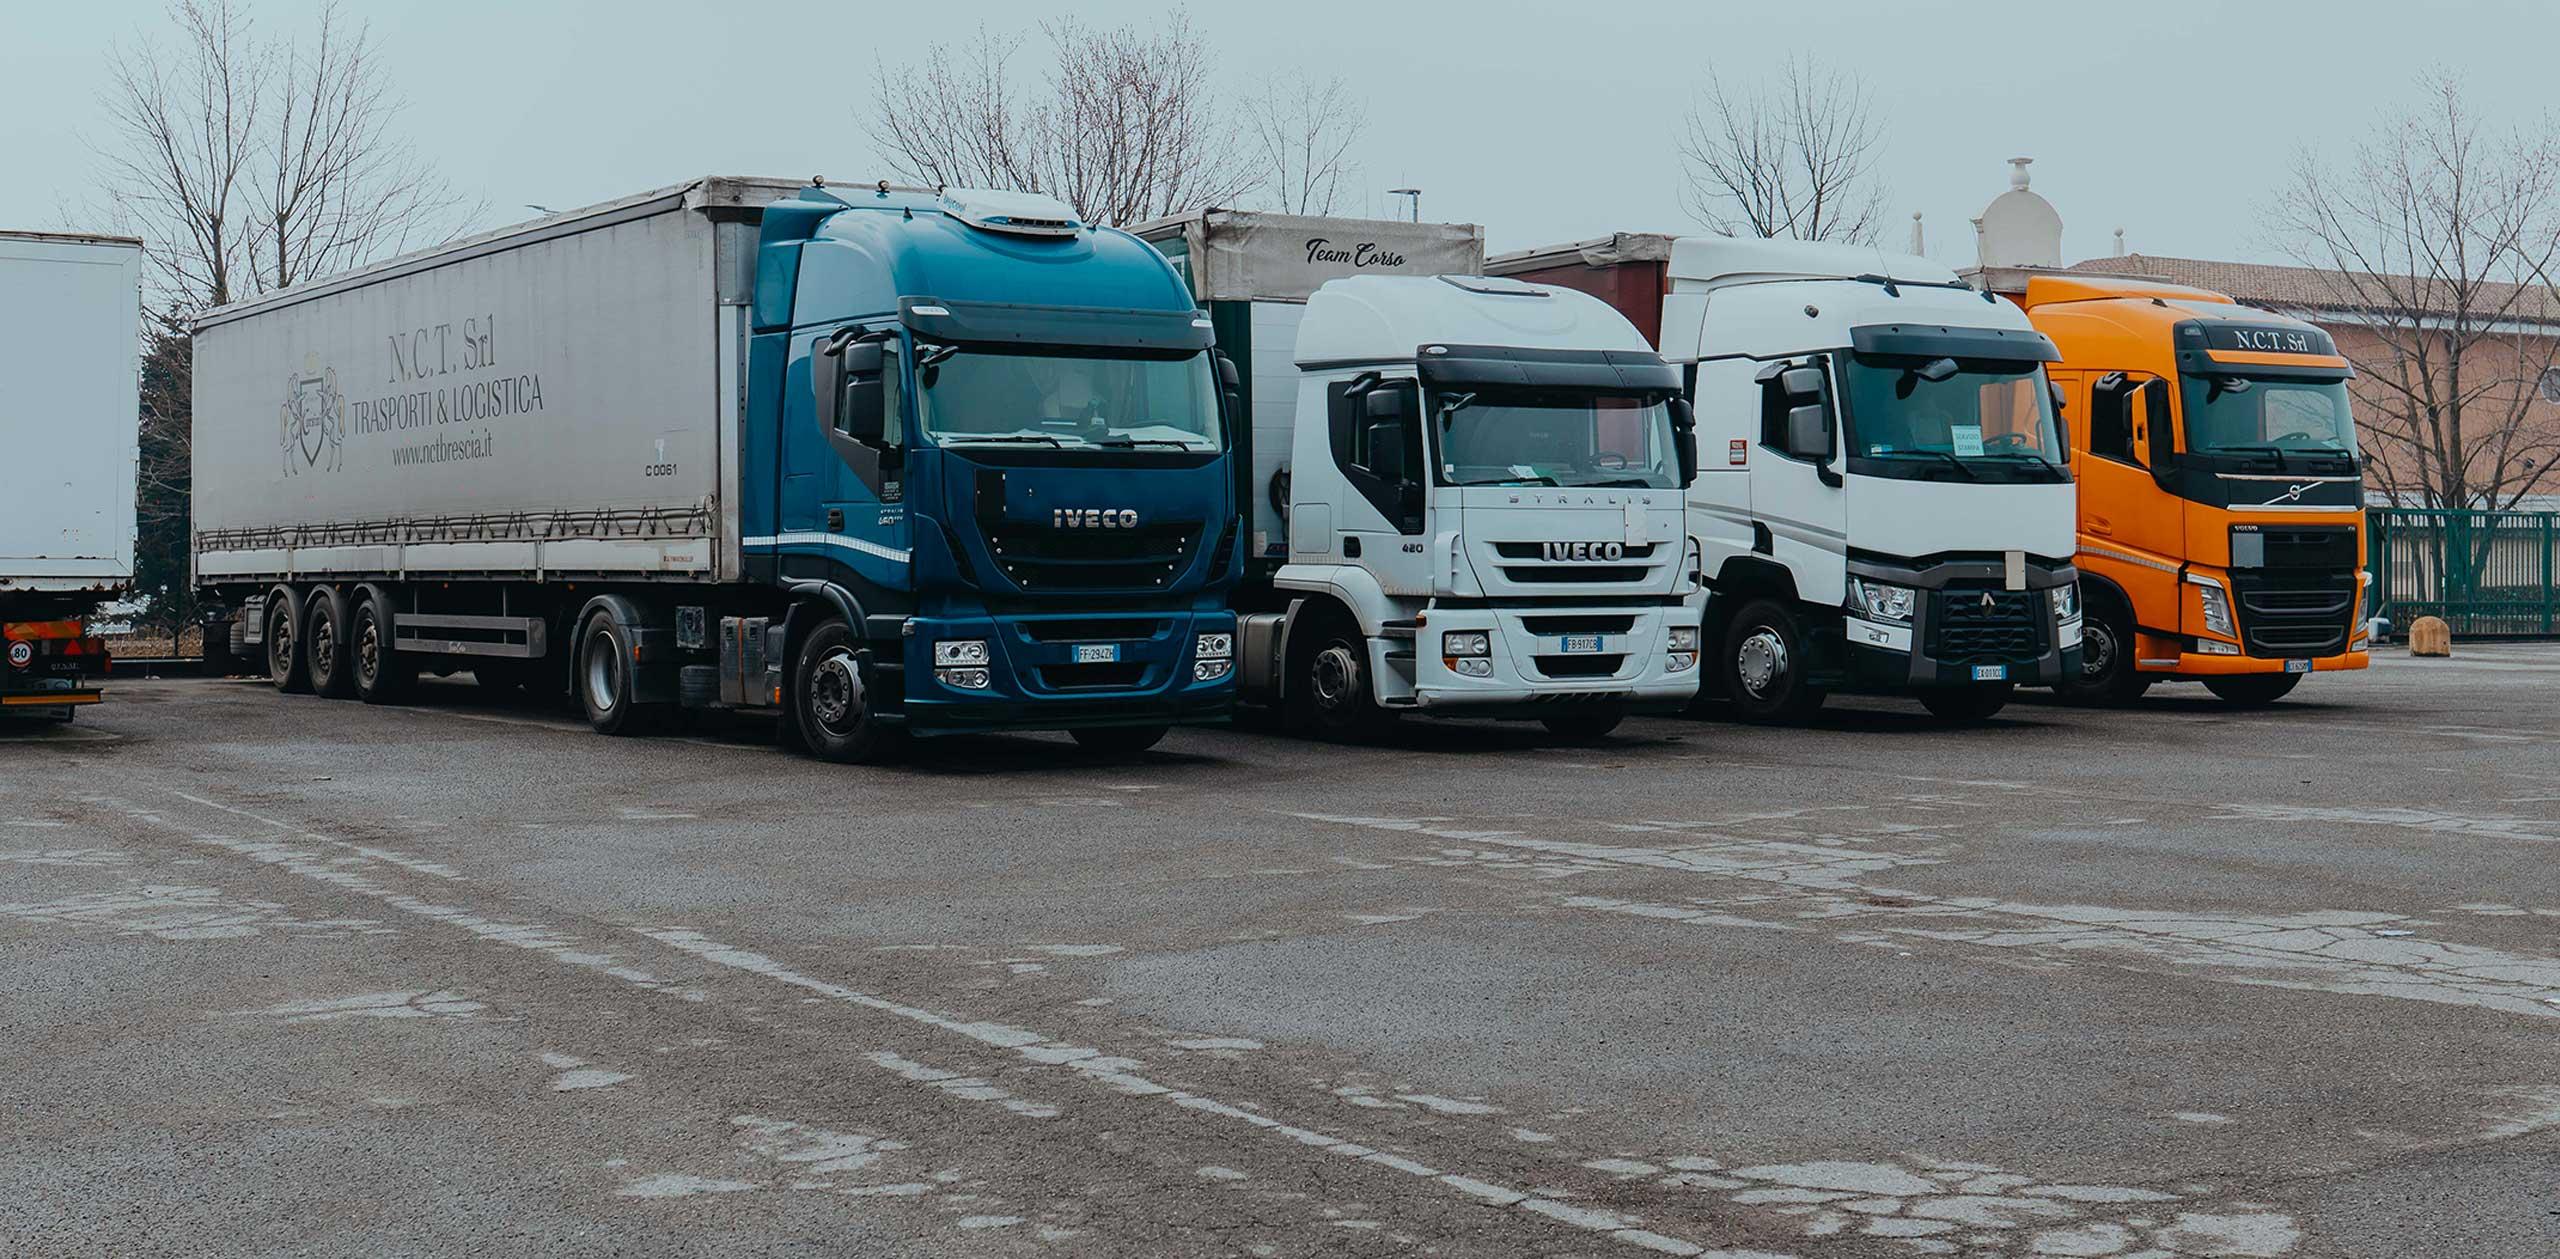 Nct-Logistica-e-trasporti-flotta